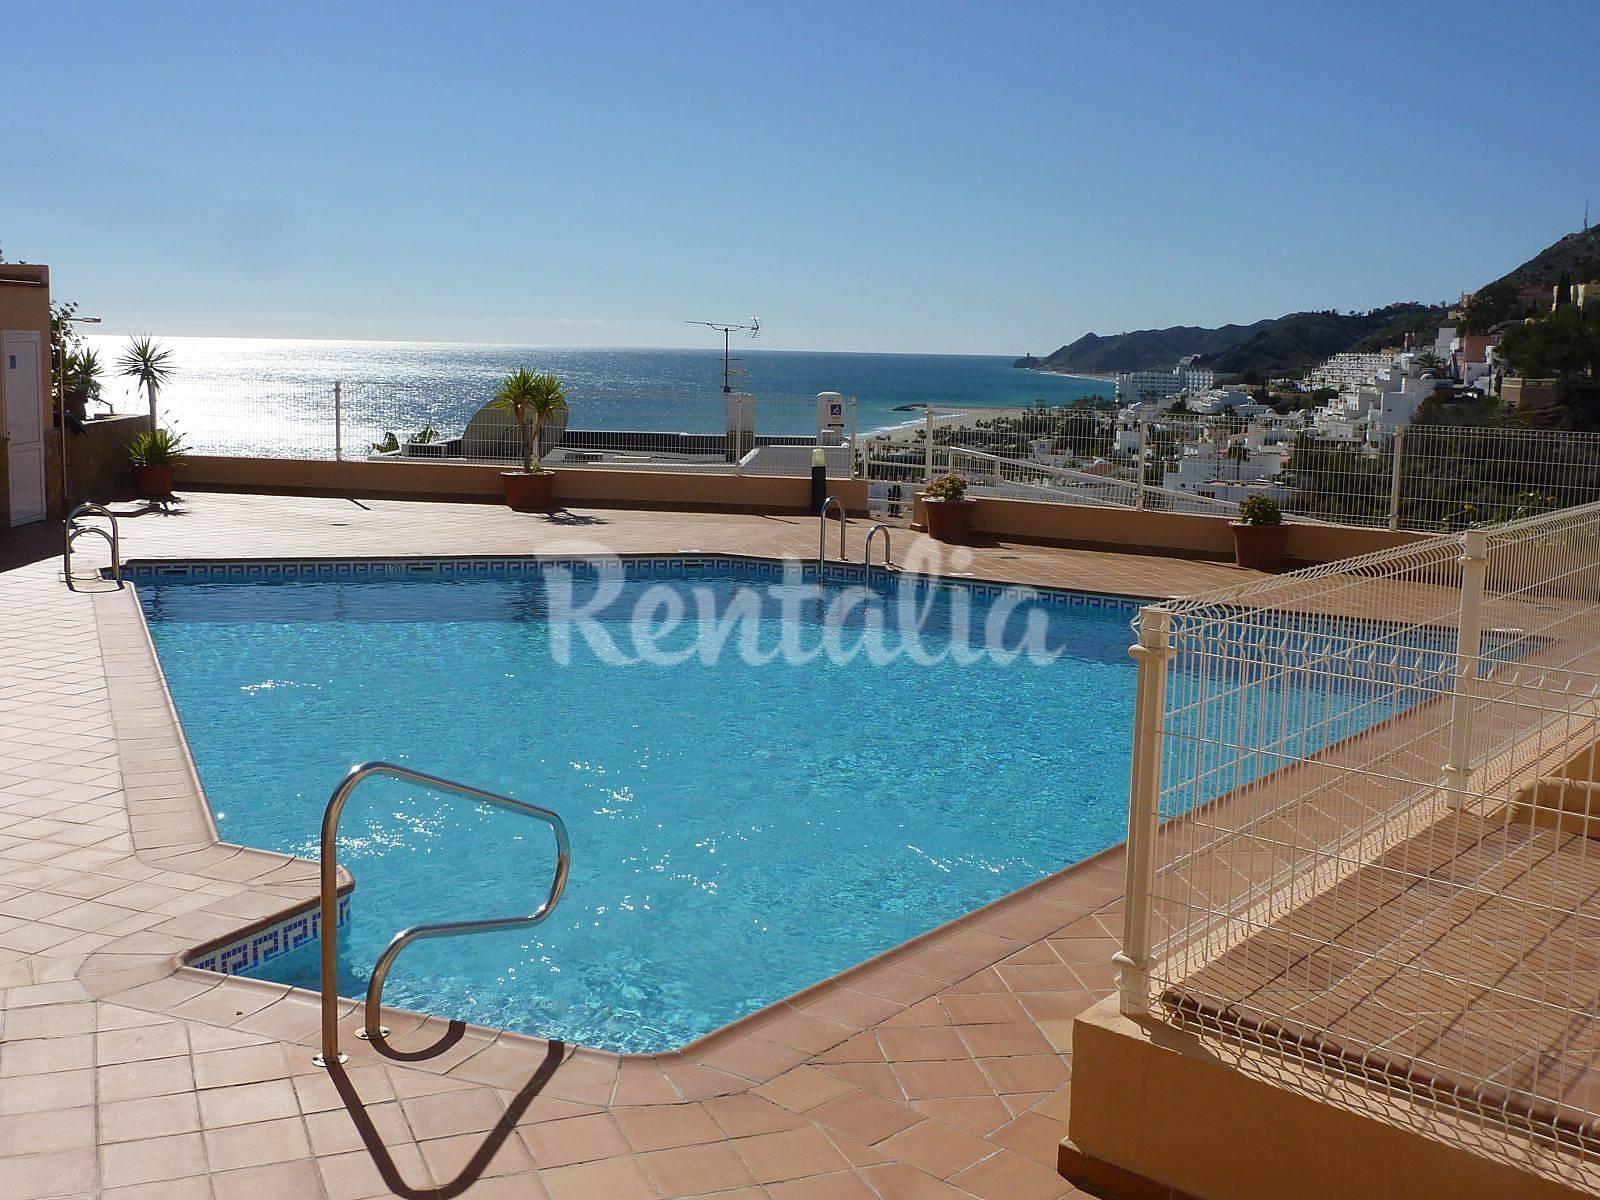 Alboroke ger con piscina y vistas al mar moj car playa for Piscinas almeria